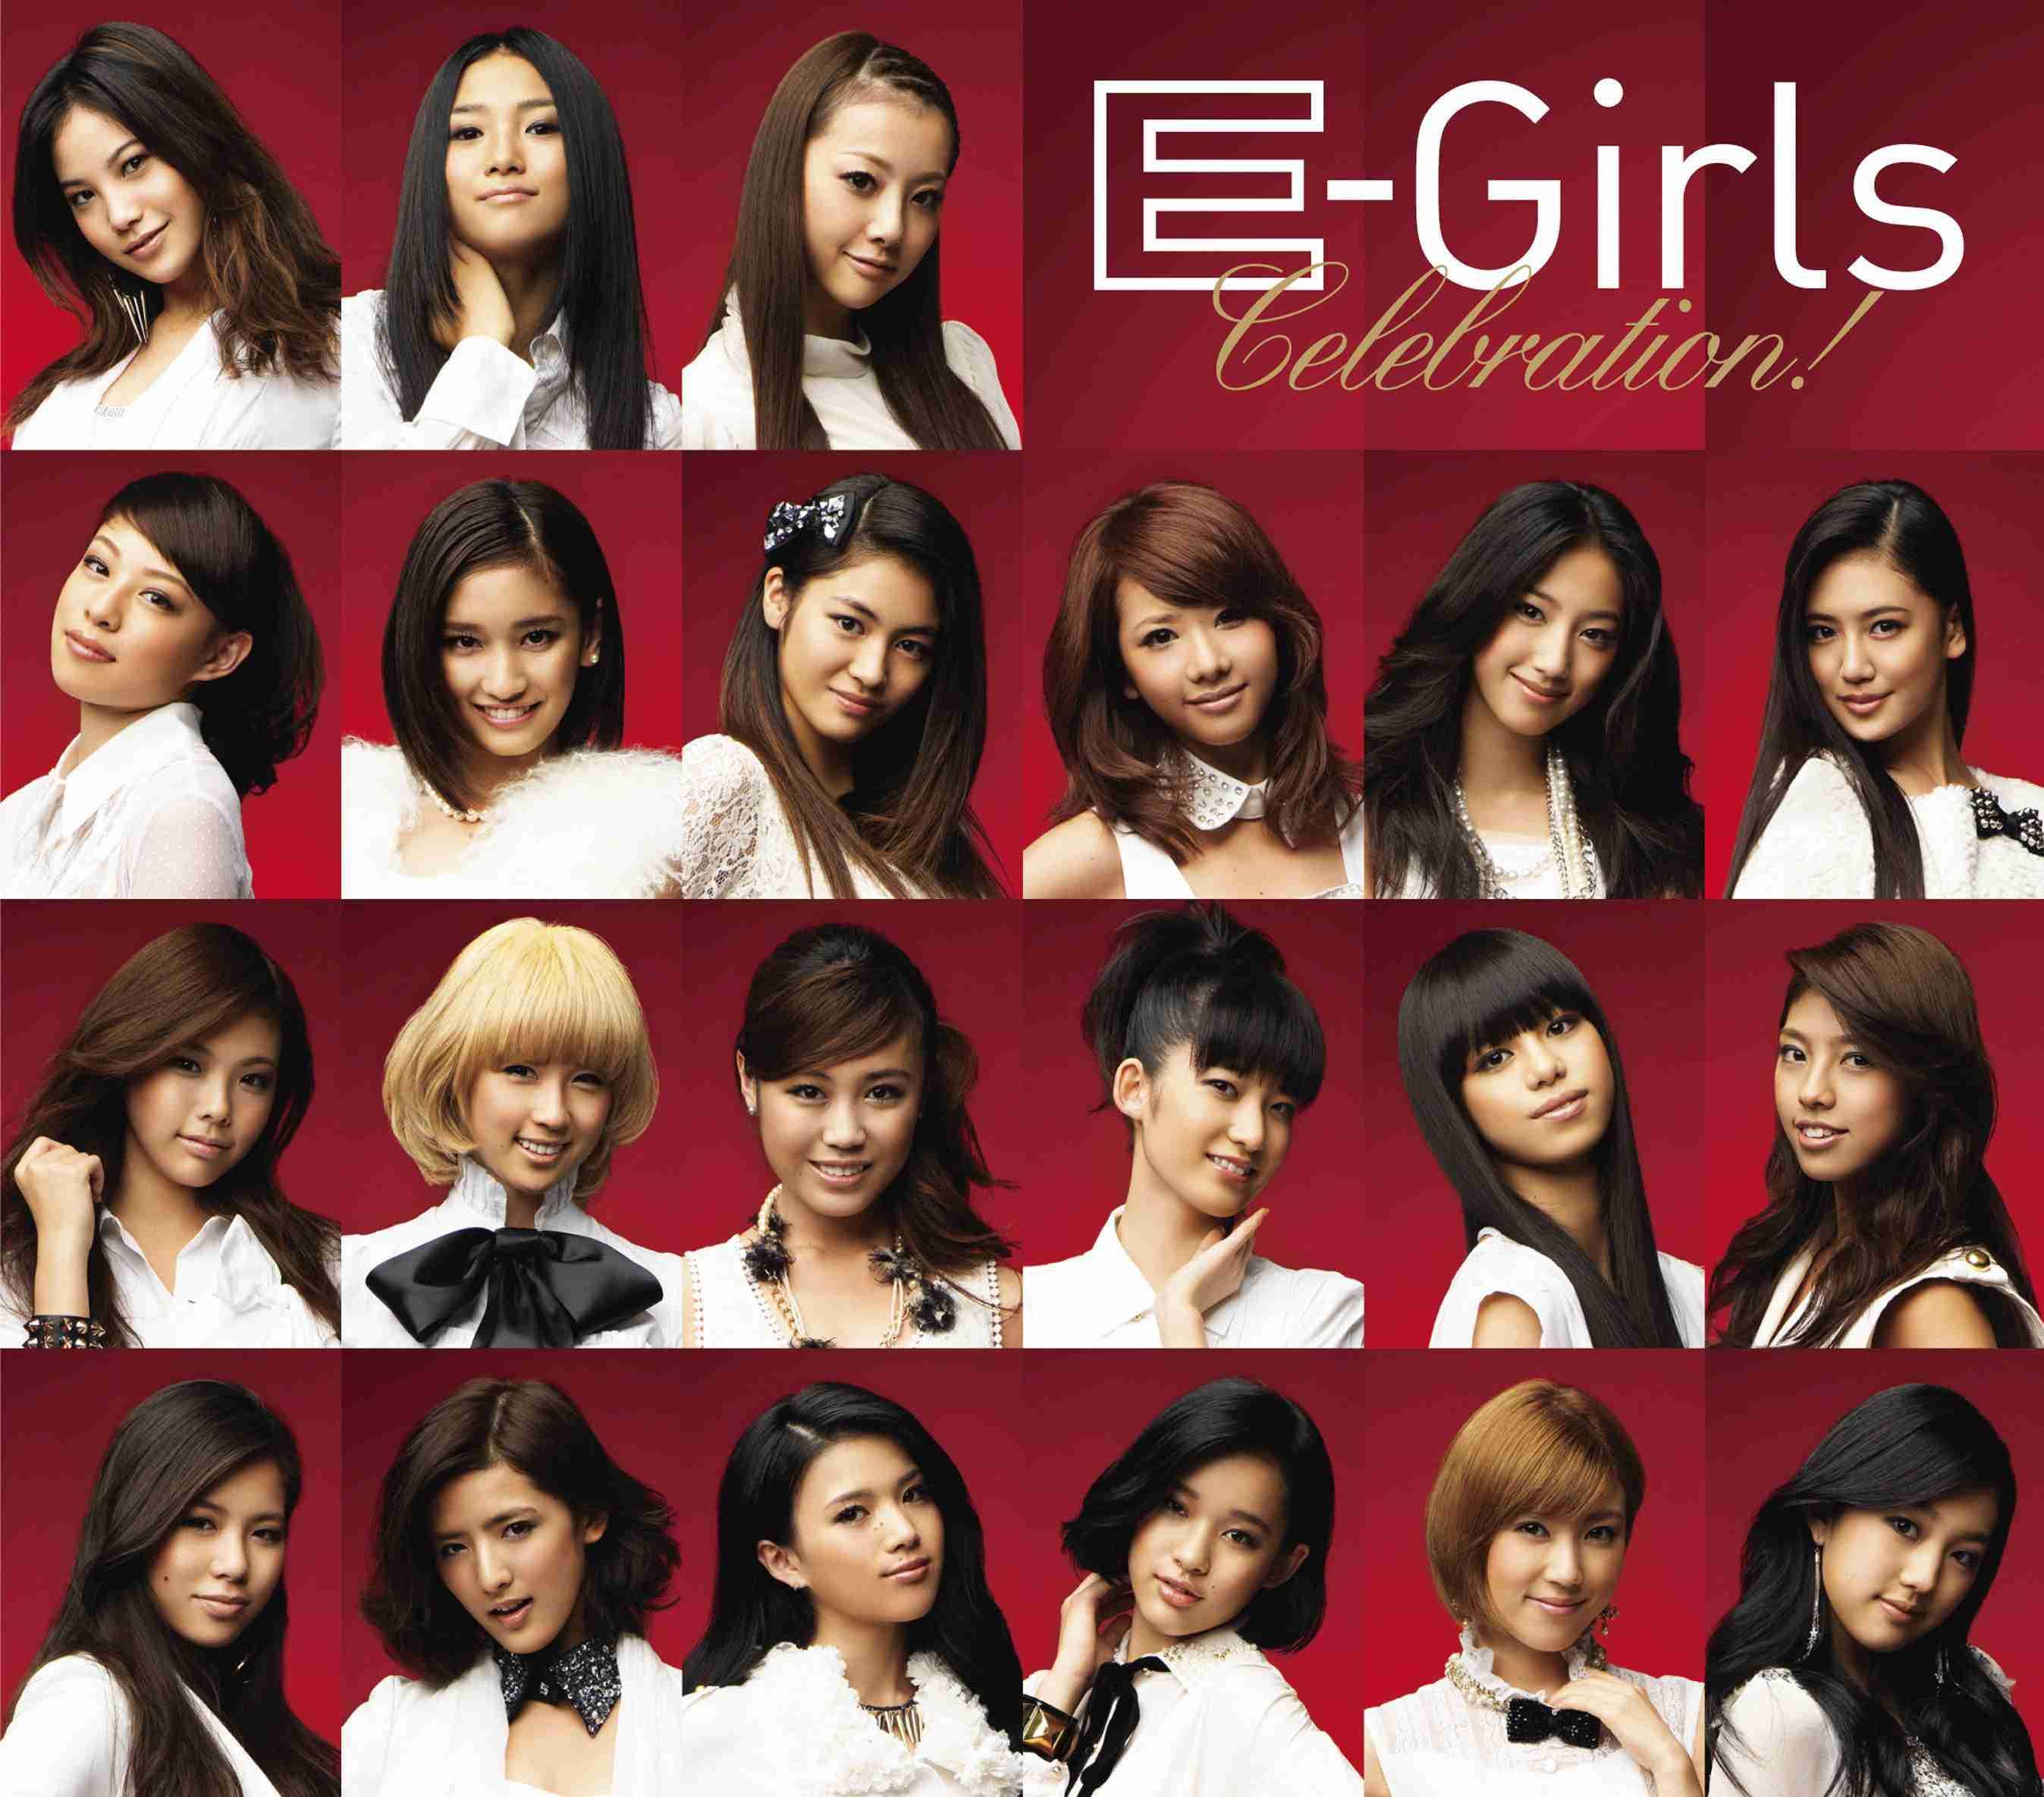 E-girls、初紅白!EXILEの妹分「話題性十分」